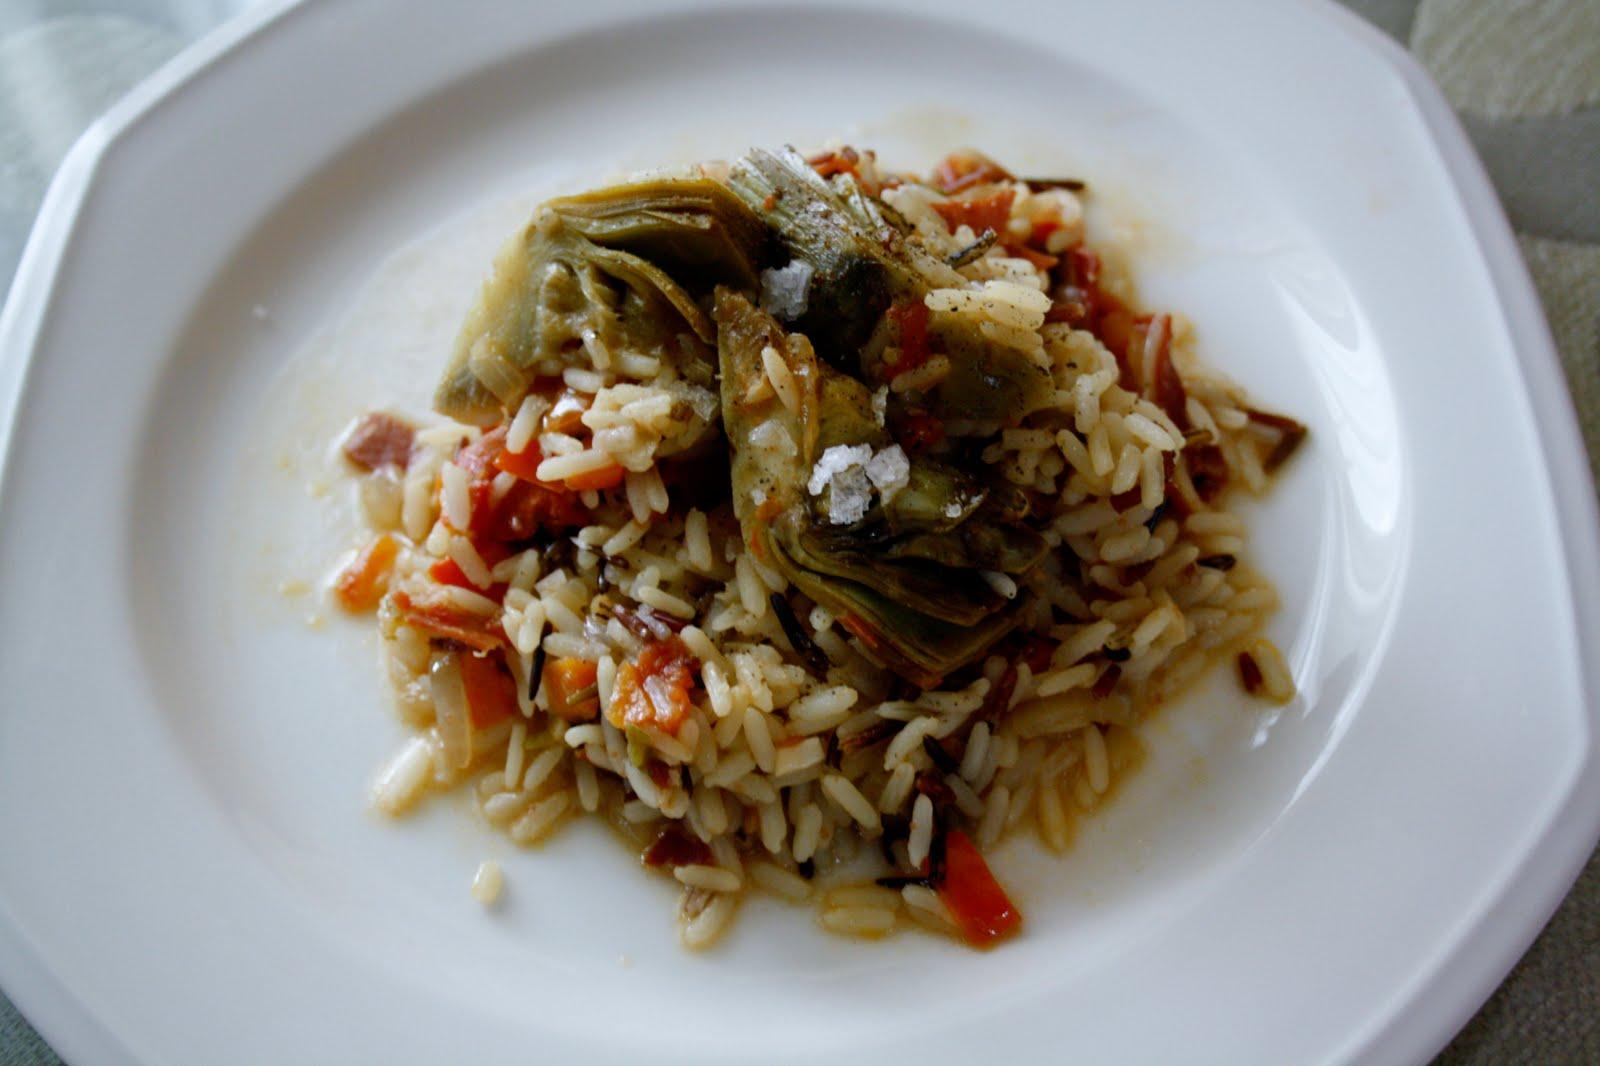 La cocina de maricarmen arroz con verduras y jam n - Cocinas maricarmen ...